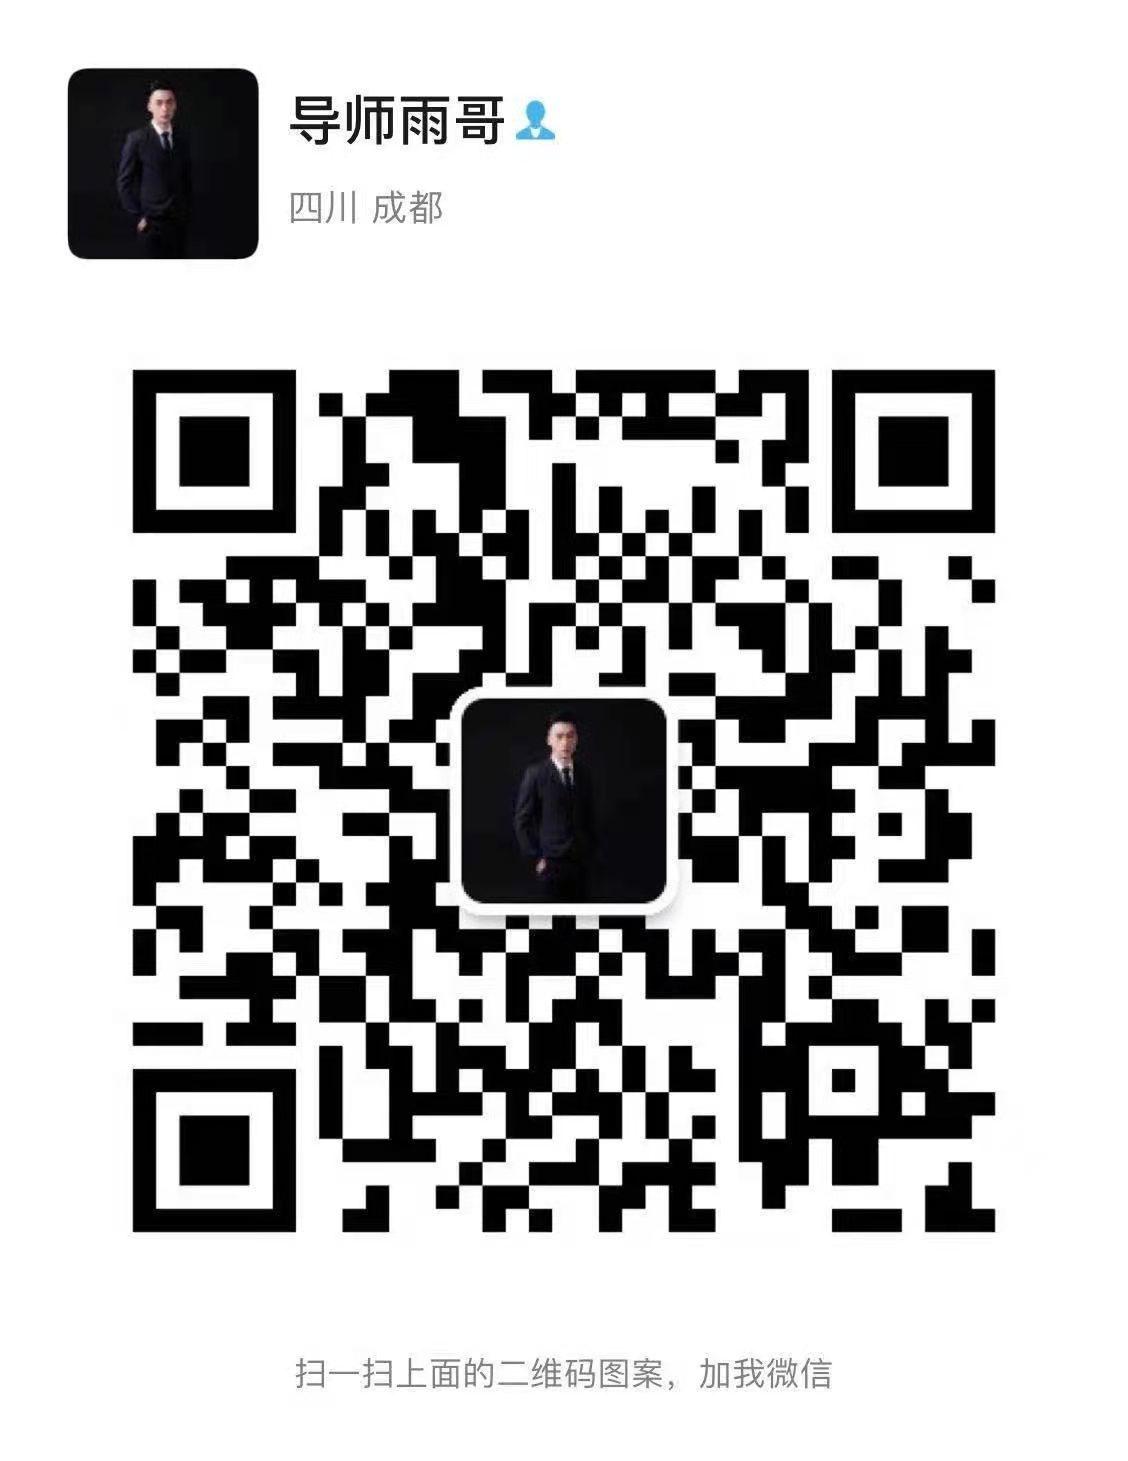 微信图片_20210503170759